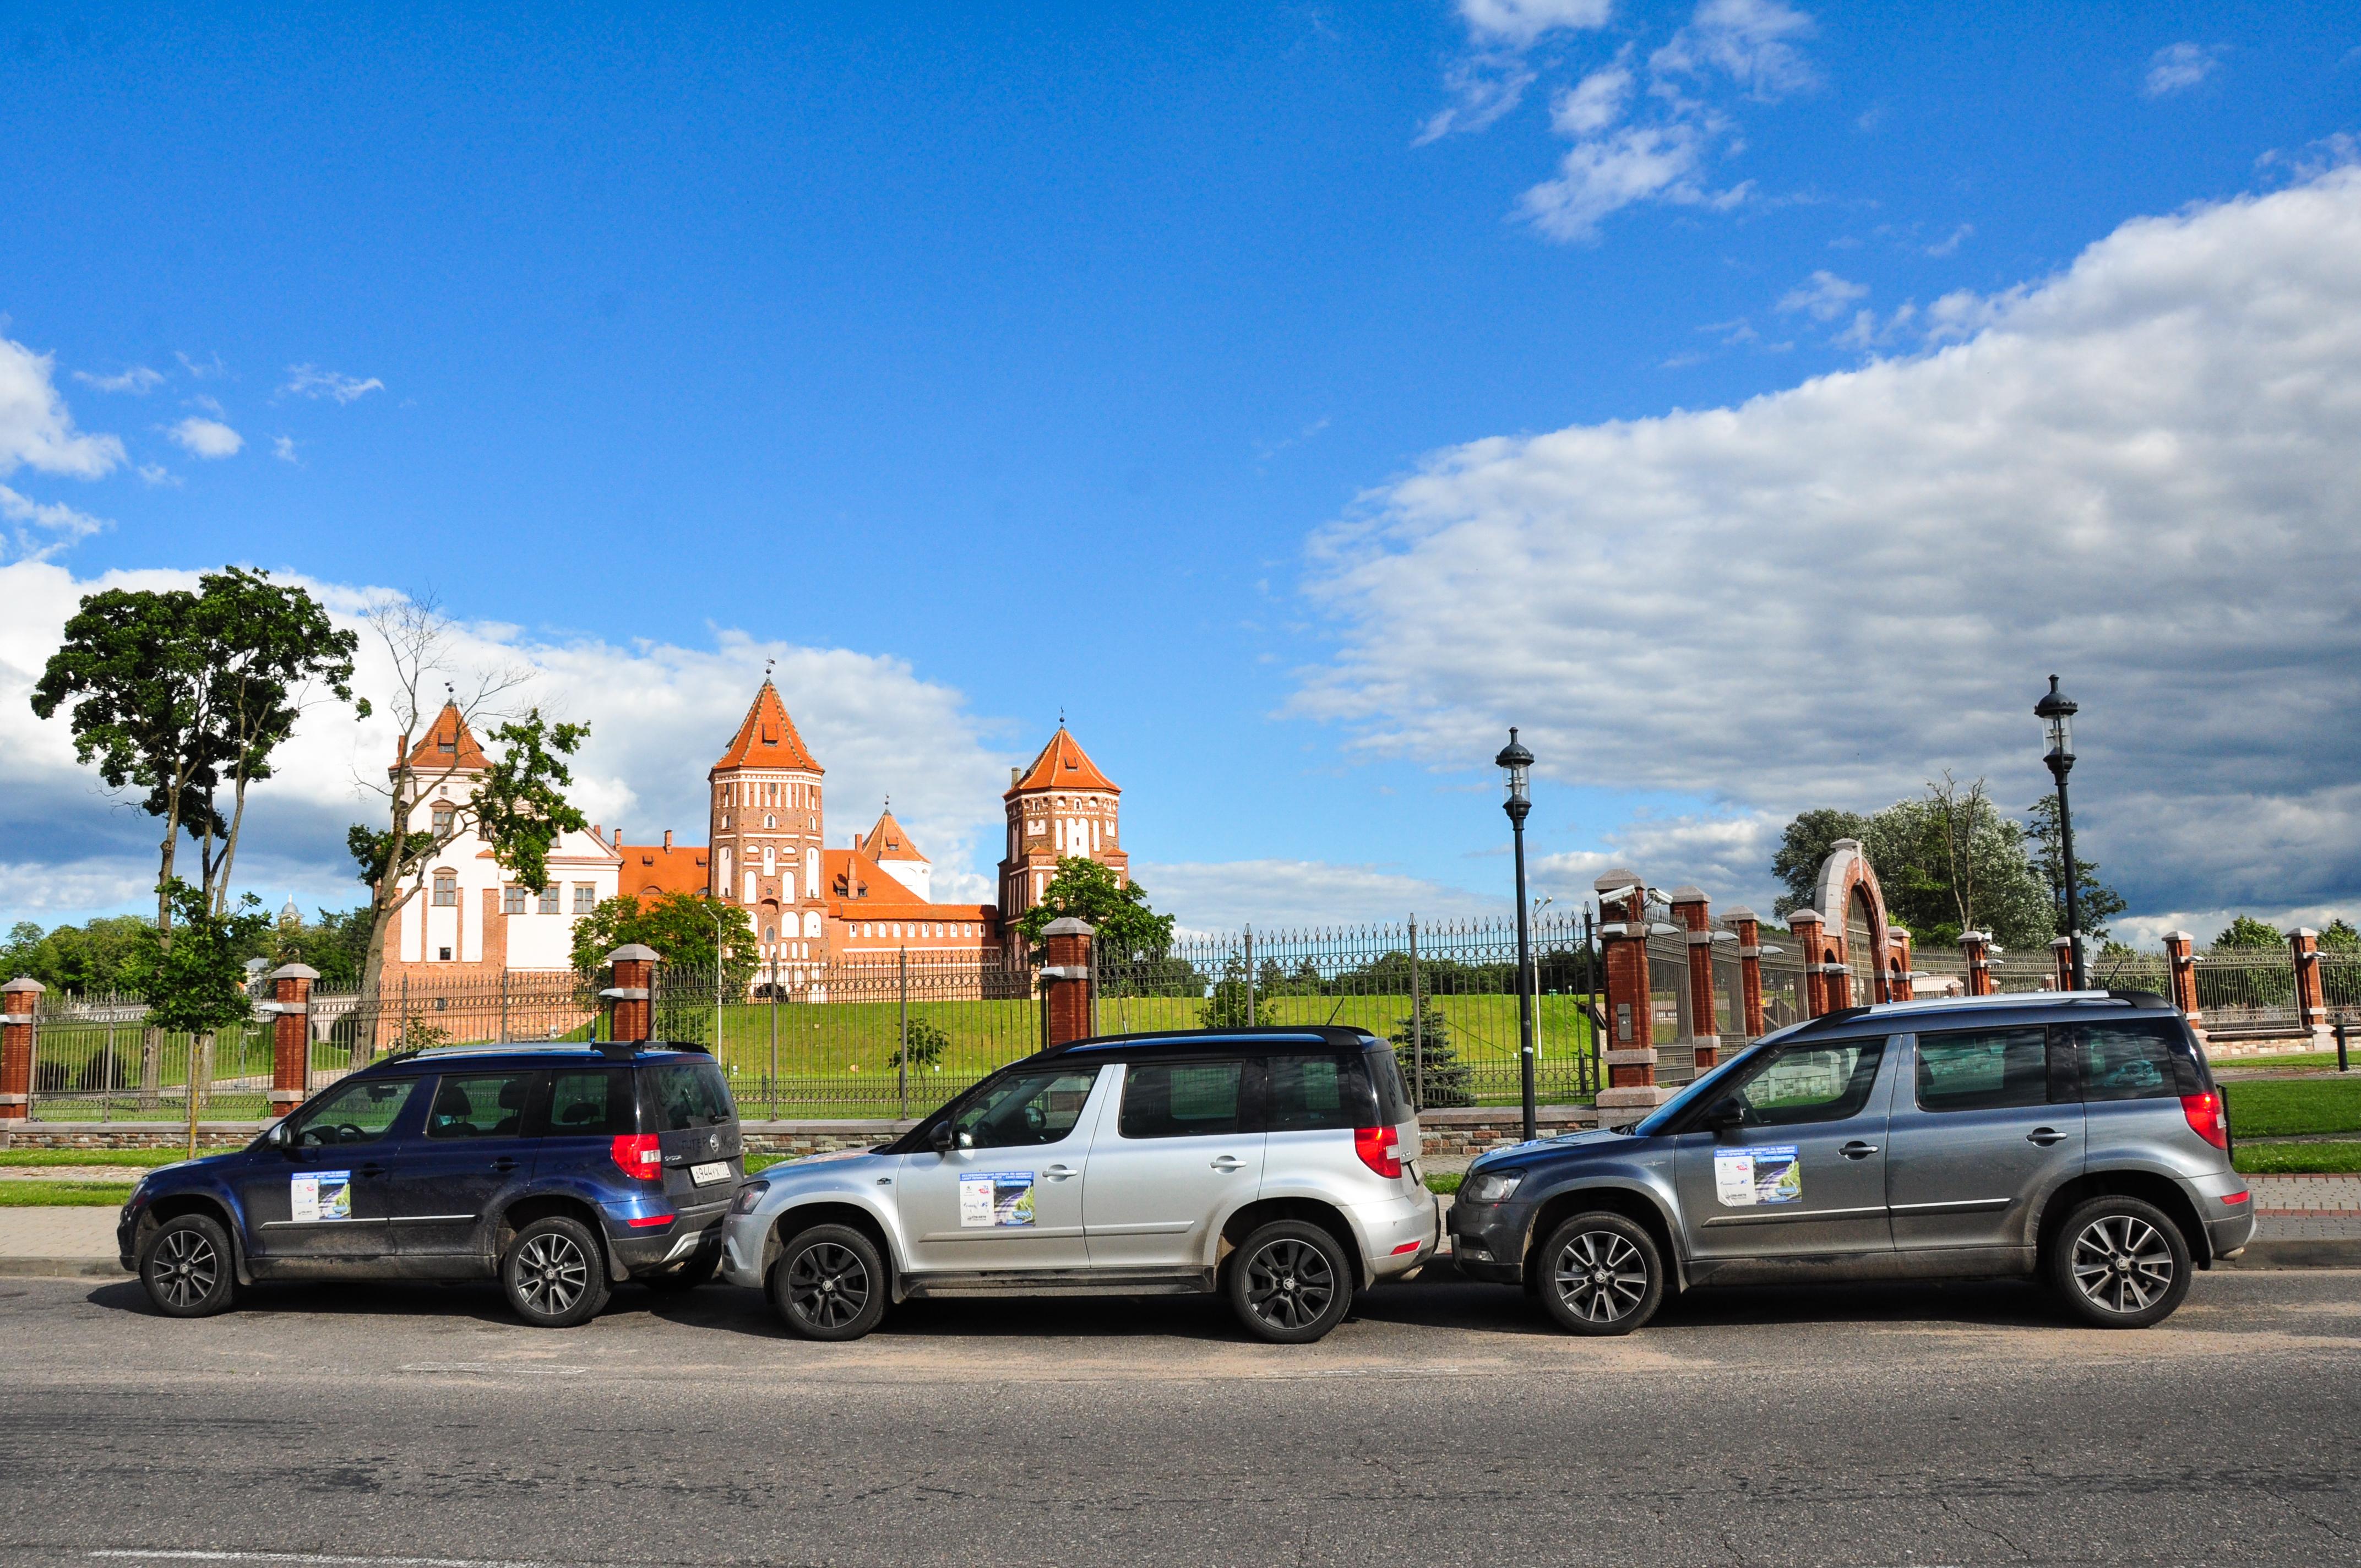 РООА СПБ.АВТО: Путешествие из Петербурга в Минск